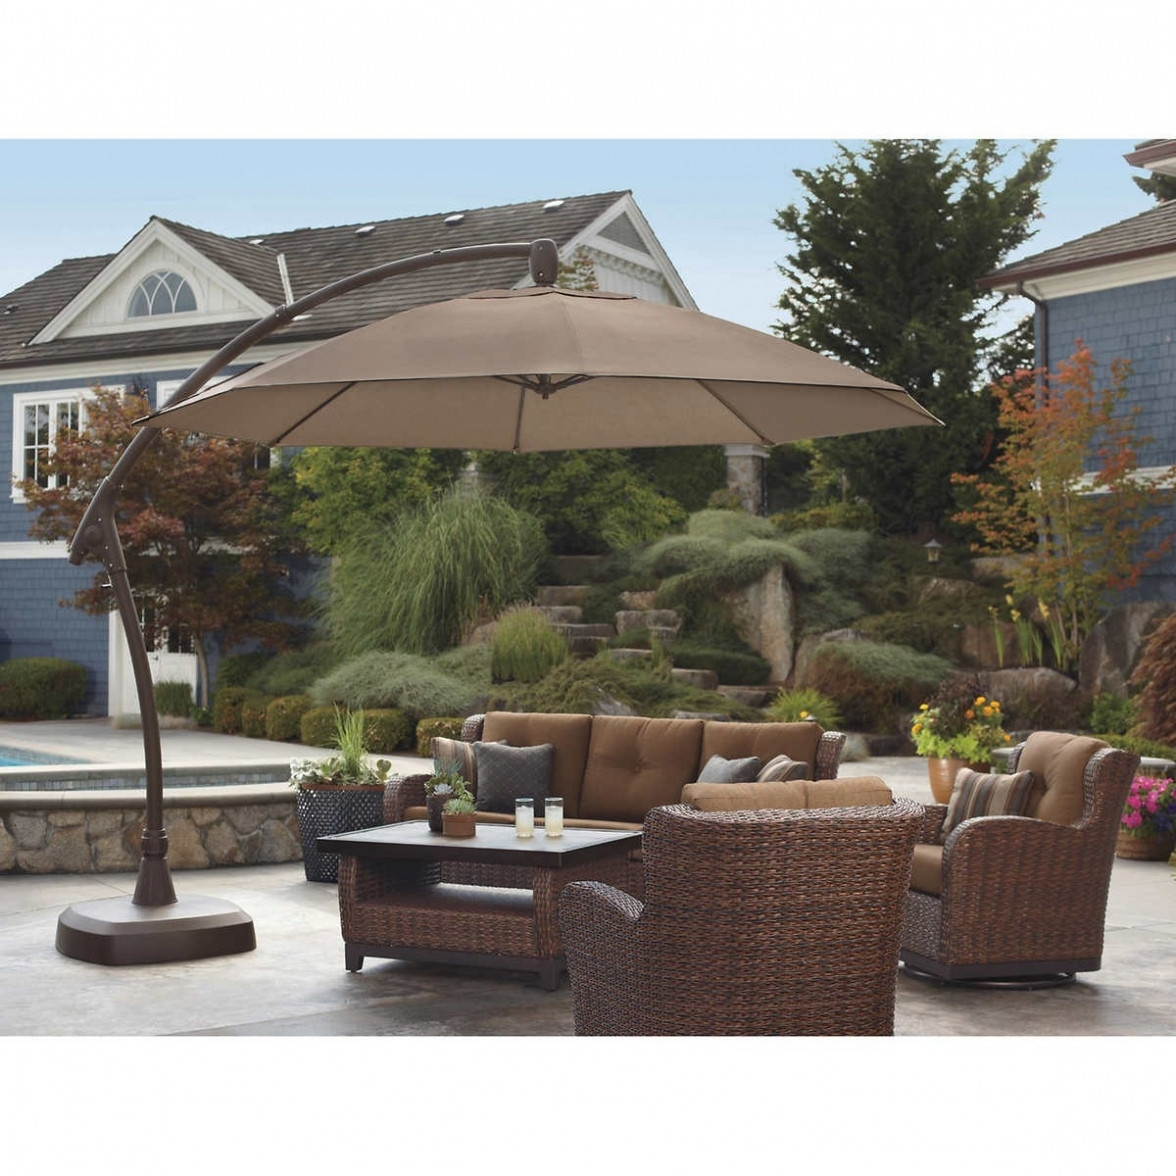 Costco Patio Umbrella – Home Design Ideas For Latest Costco Cantilever Patio Umbrellas (View 8 of 20)